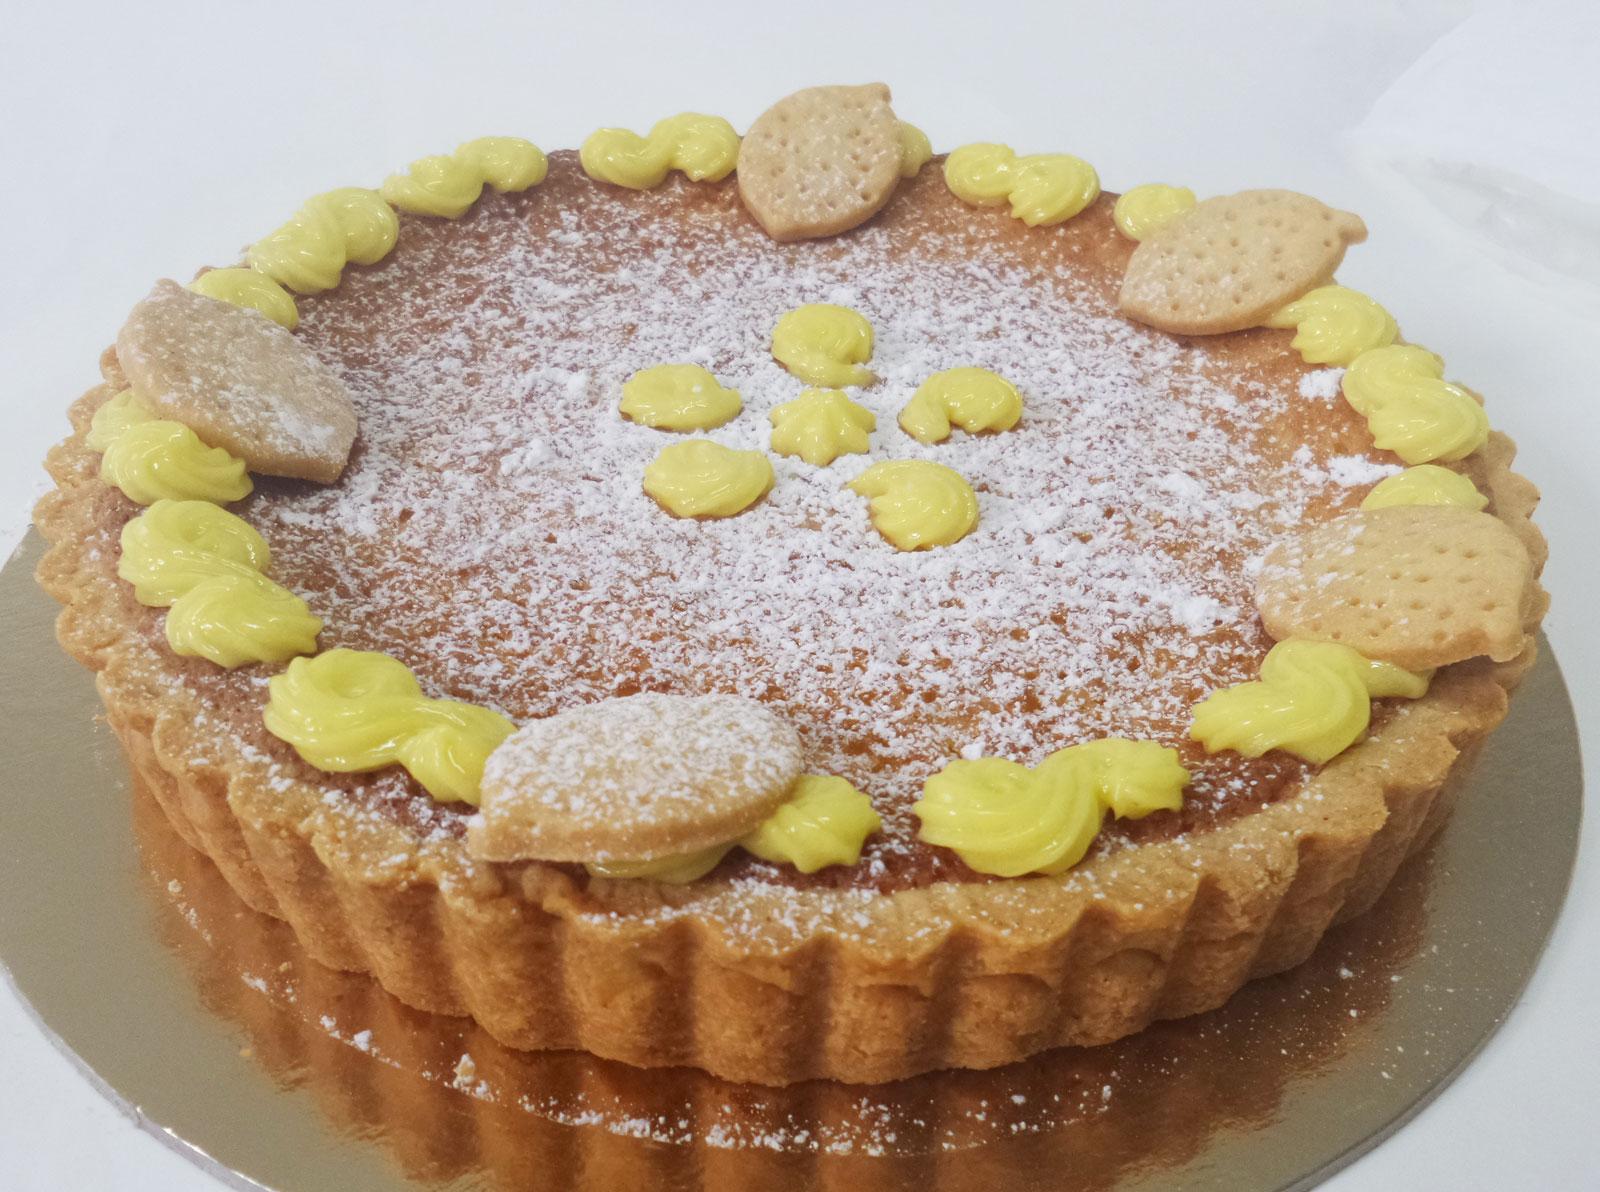 Dolci Da Credenza Biscotti Alle Nocciole : Frollie torte da credenza